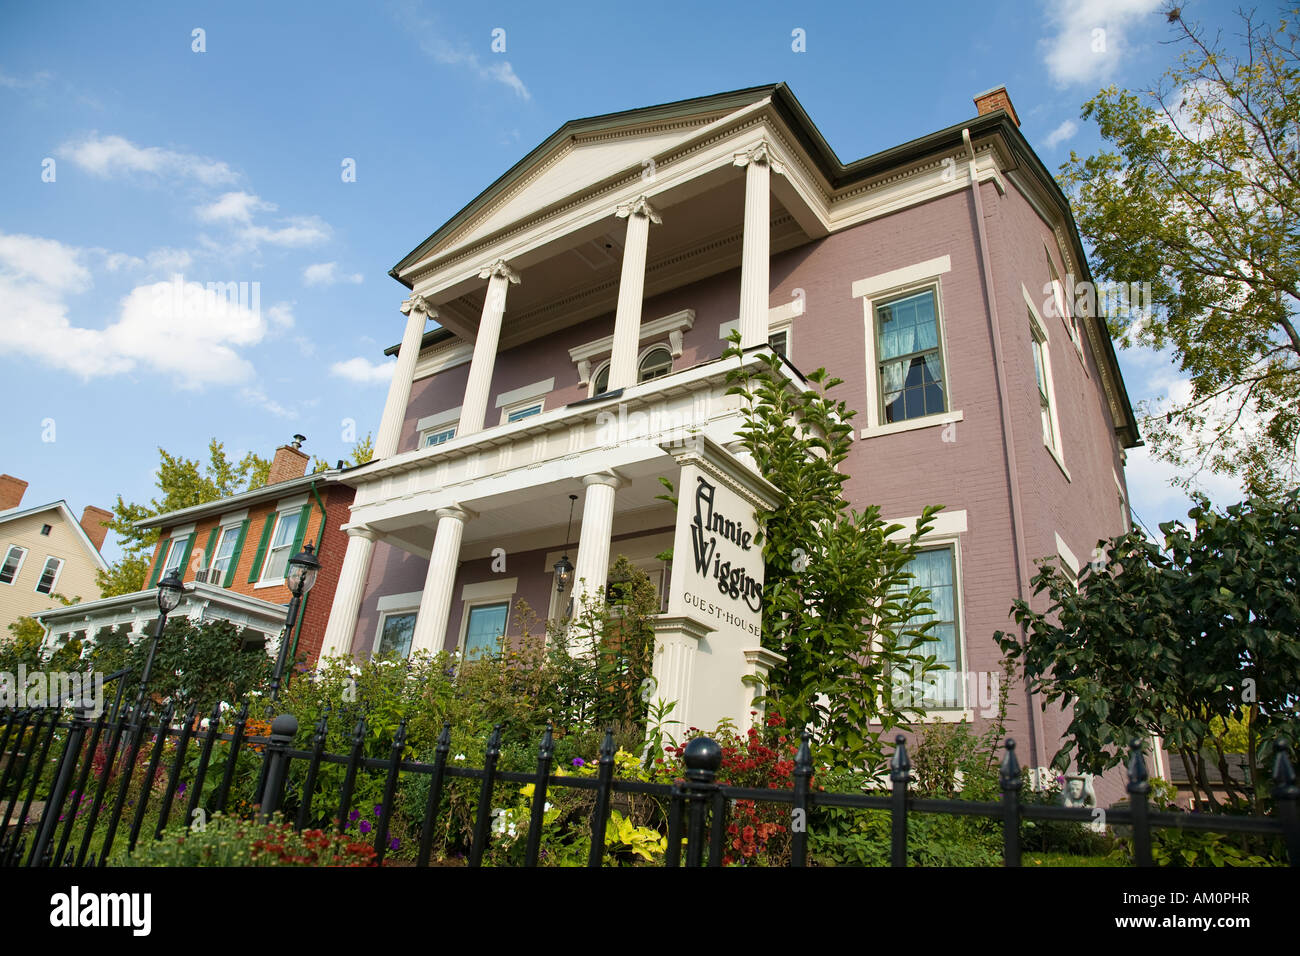 ILLINOIS Galena Exterieur von Annie Wiggins Gast Haus Bed & Breakfast schmiedeeisernen Zaun und Garten Stockfoto